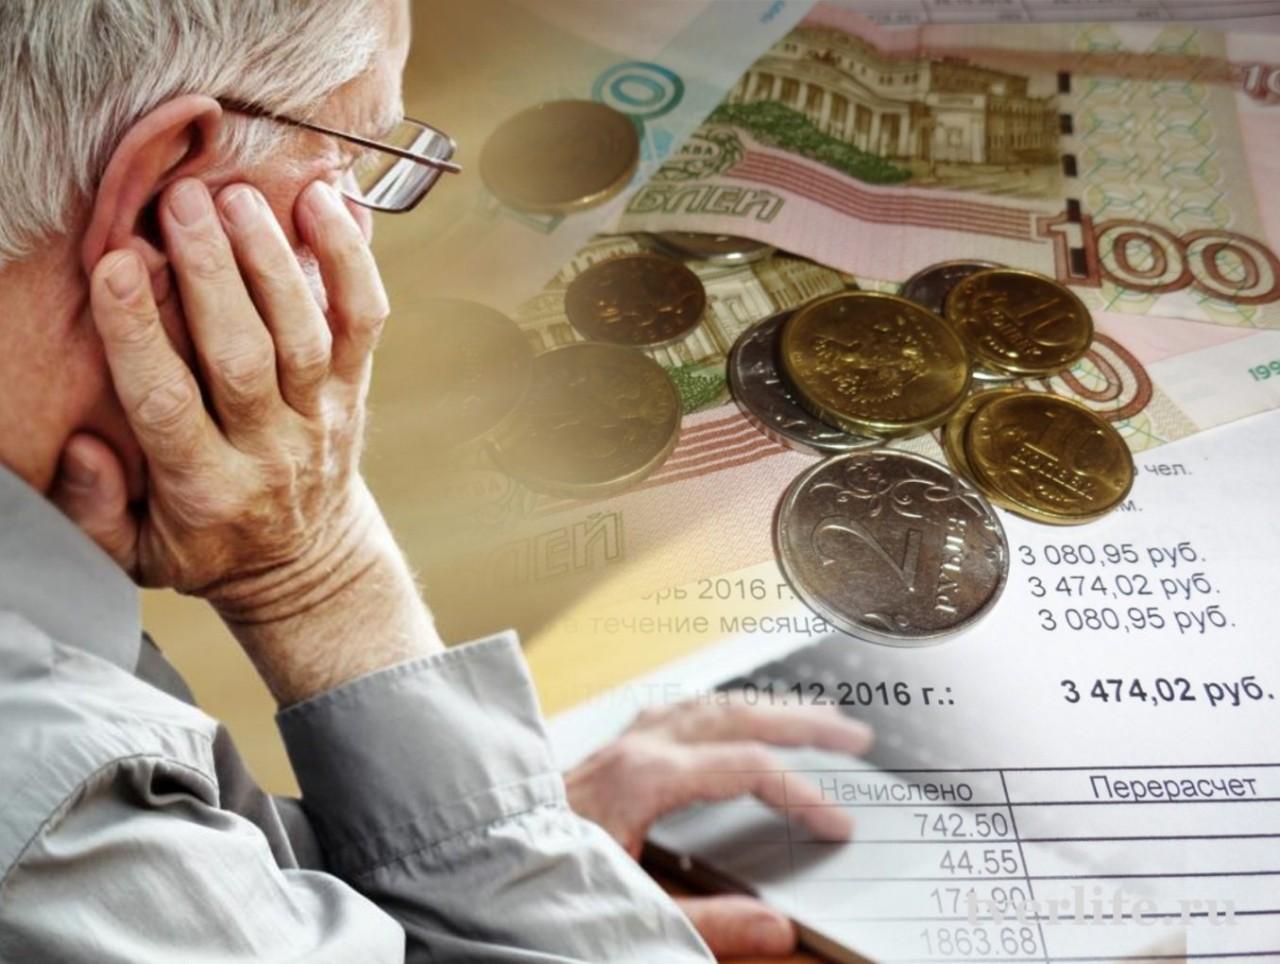 Все о коммунальных услугах - что, где, когда, и как сэкономить?